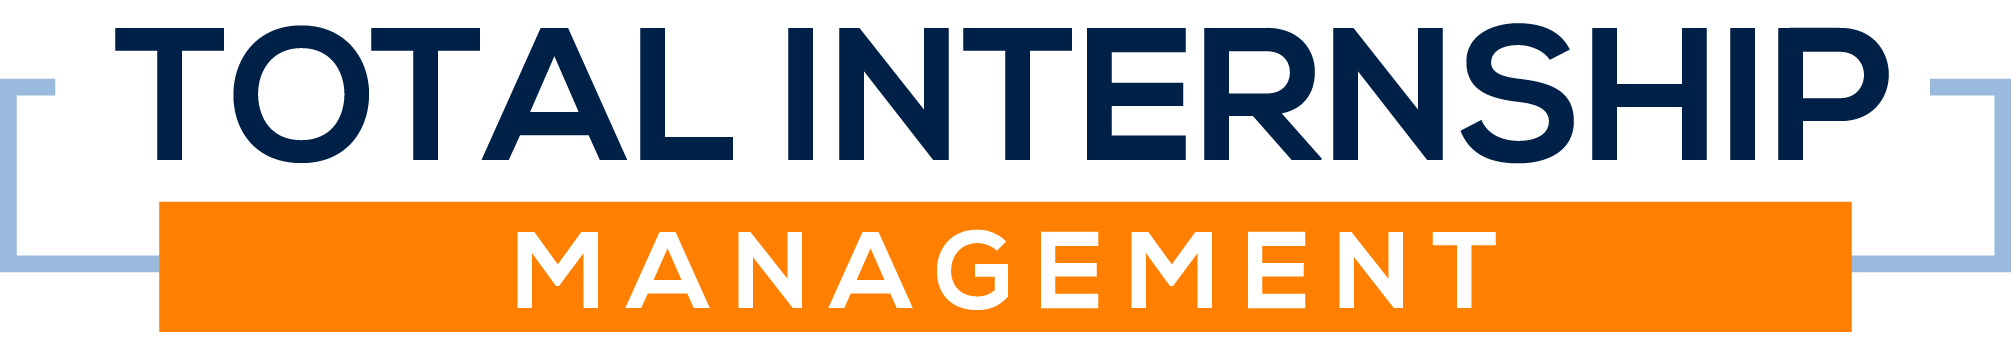 Intern Bridge Total Internship Management Workshop Schedule